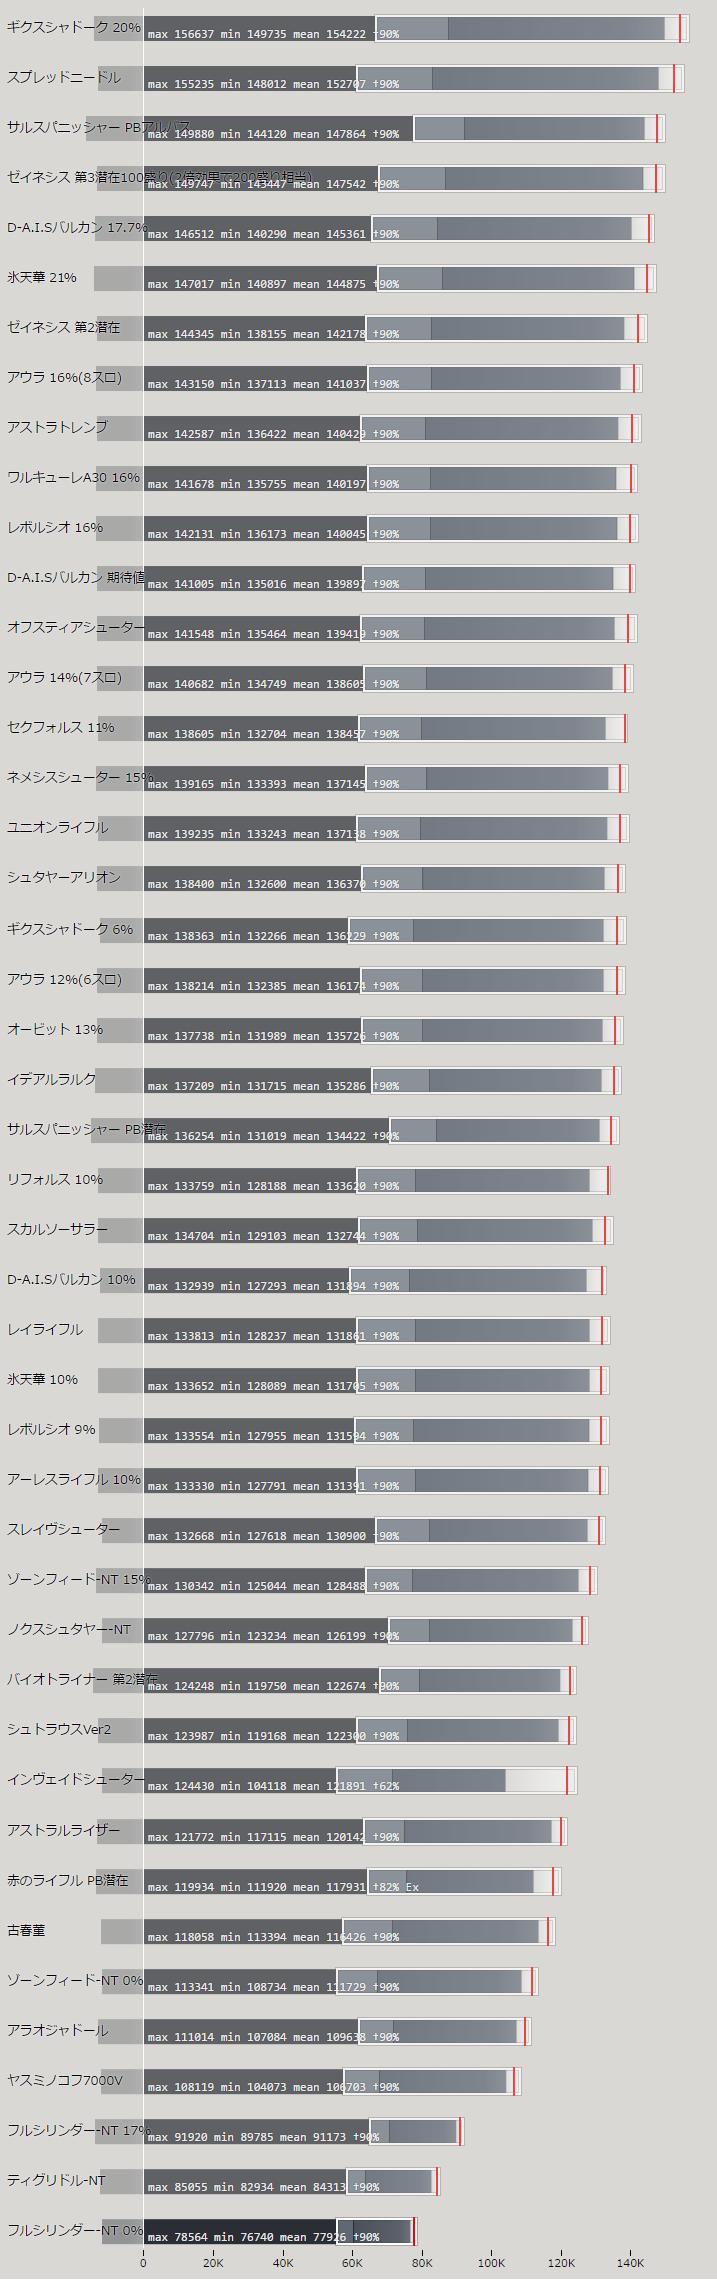 アサルトライフルの火力比較ランキング表